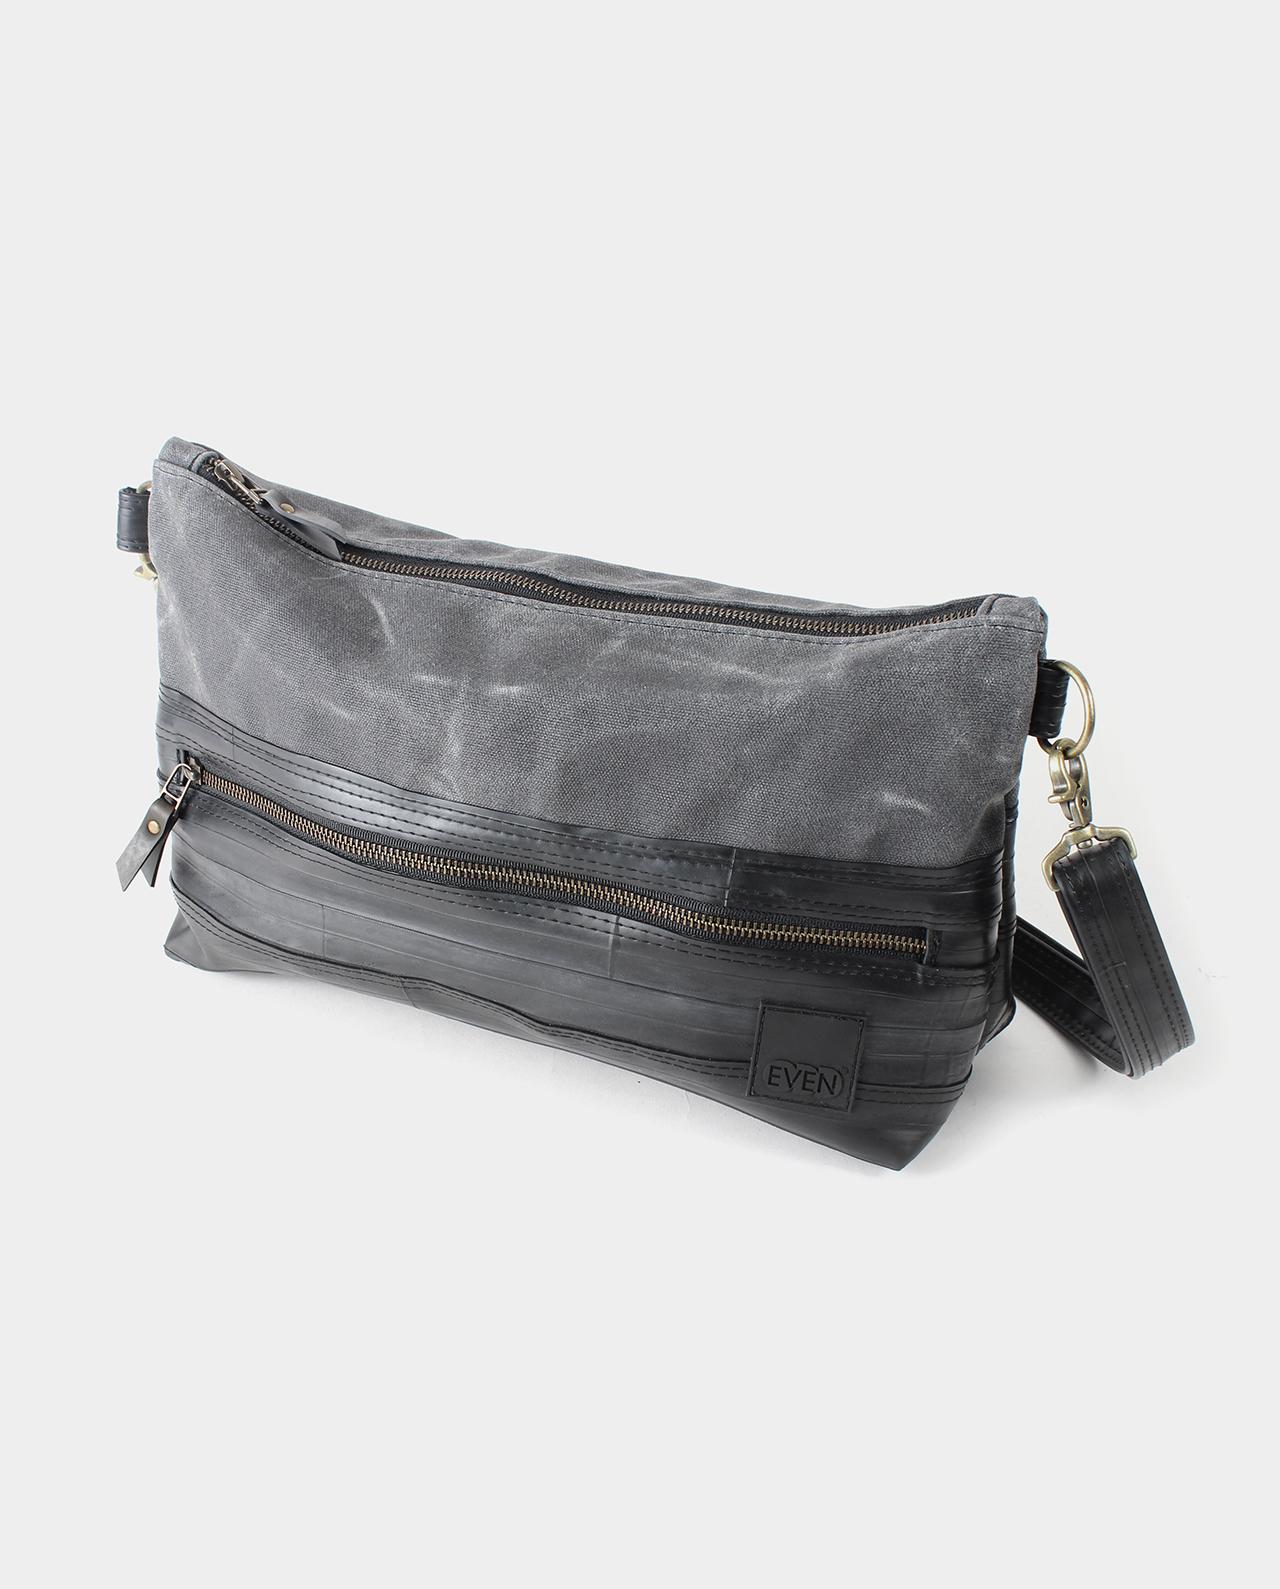 043e8ac4d089f waxed canvas crossbody shoulder bag